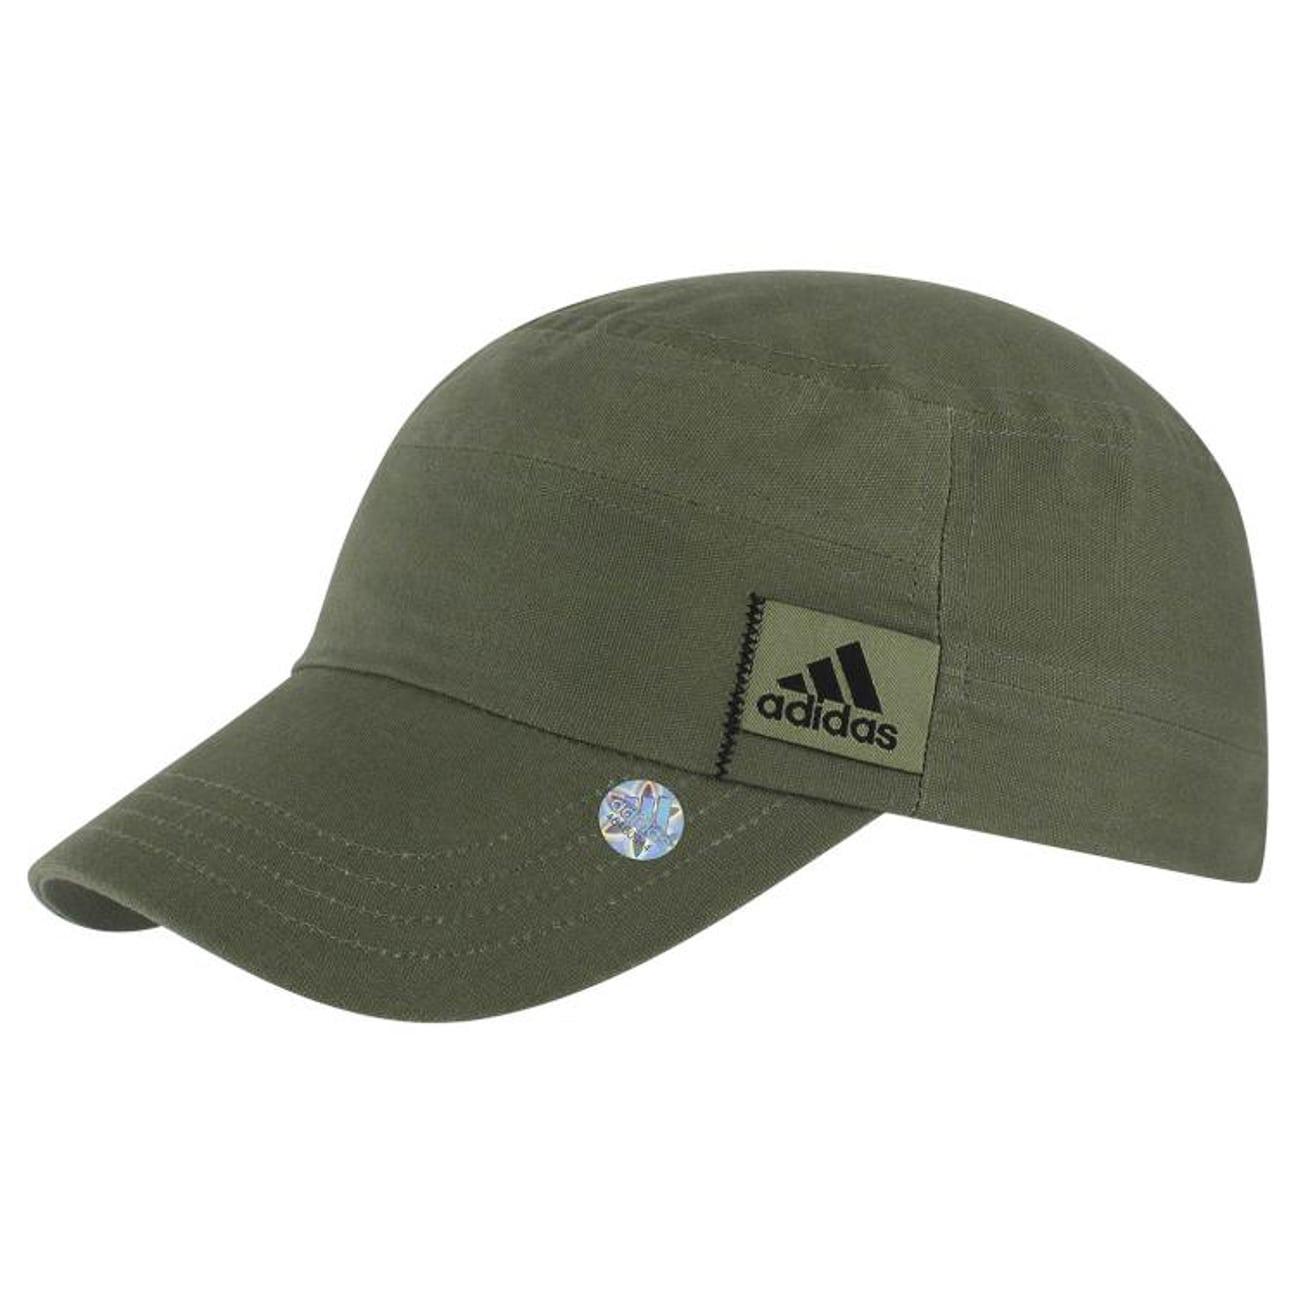 Cuban Army Cap by adidas - olive 1 ... 674133c8656